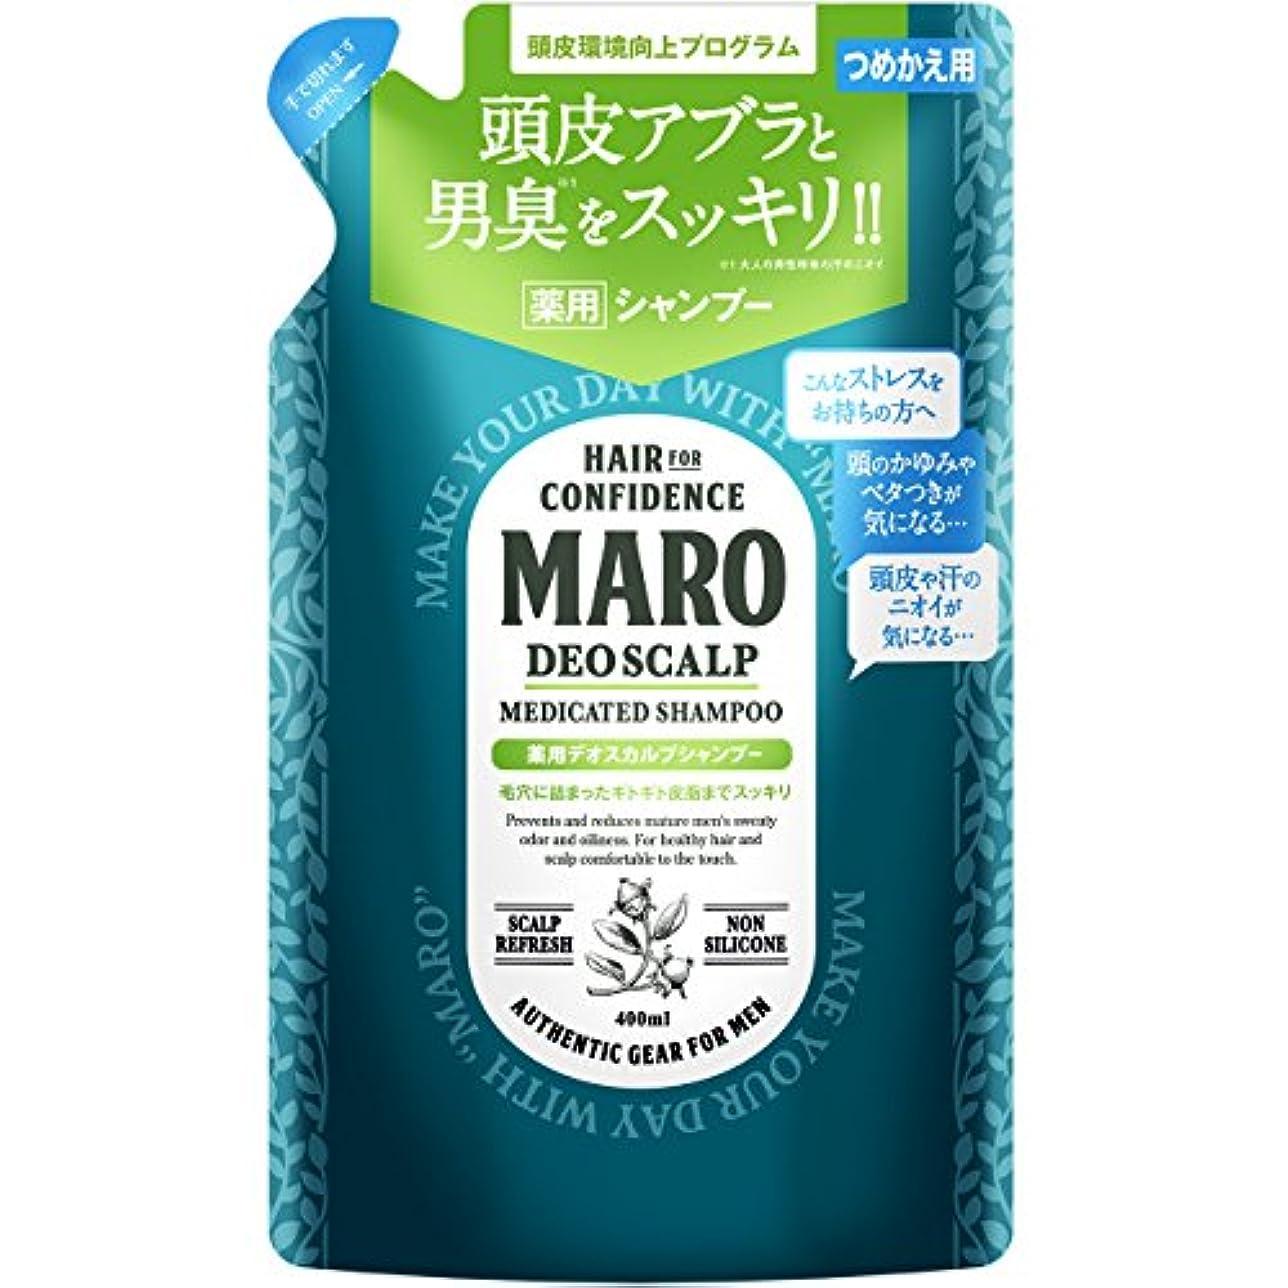 上院頑張るかりてMARO 薬用 デオスカルプ シャンプー 詰め替え 400ml 【医薬部外品】